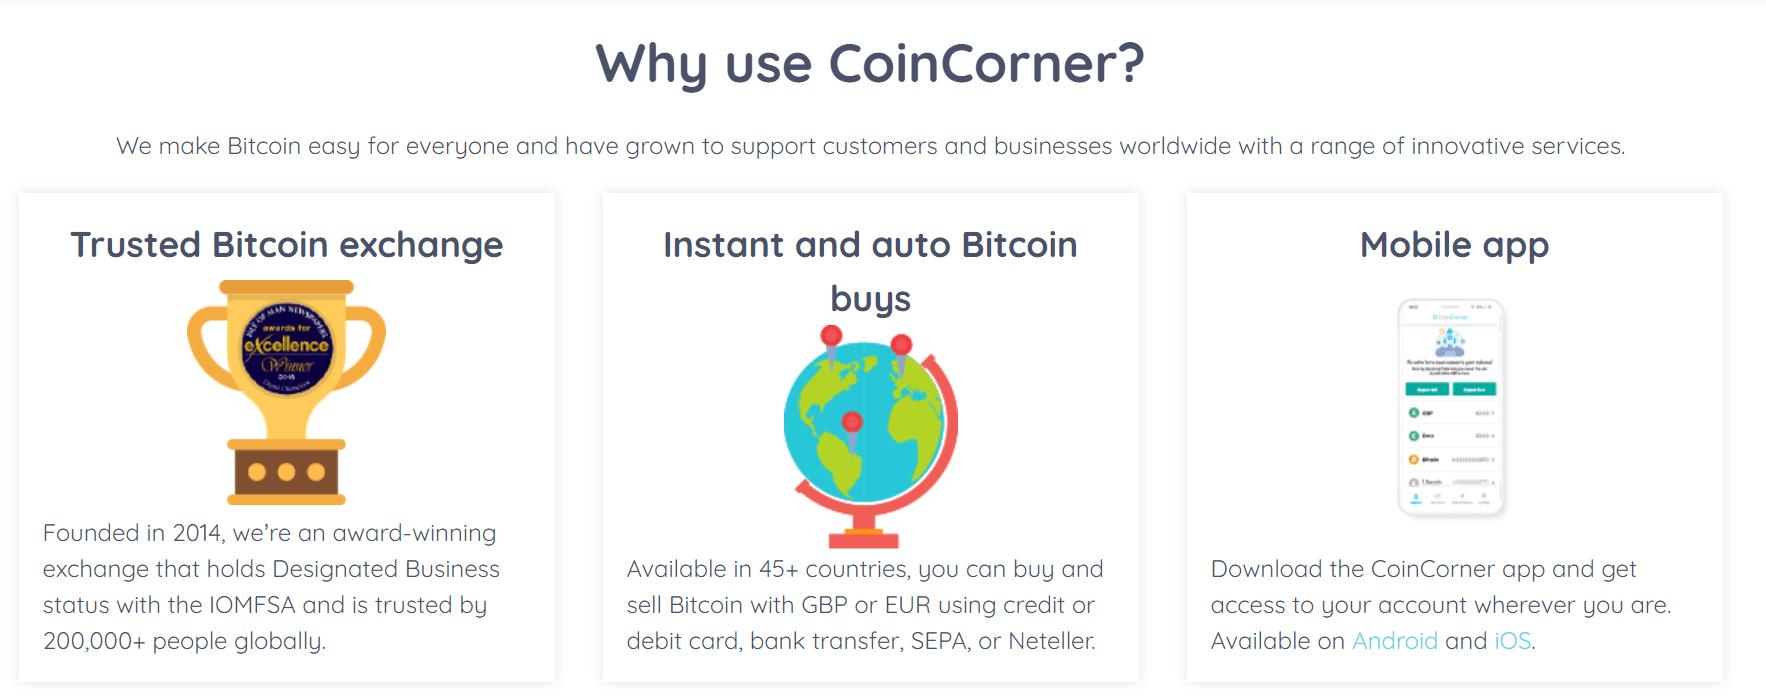 coincorner wallet